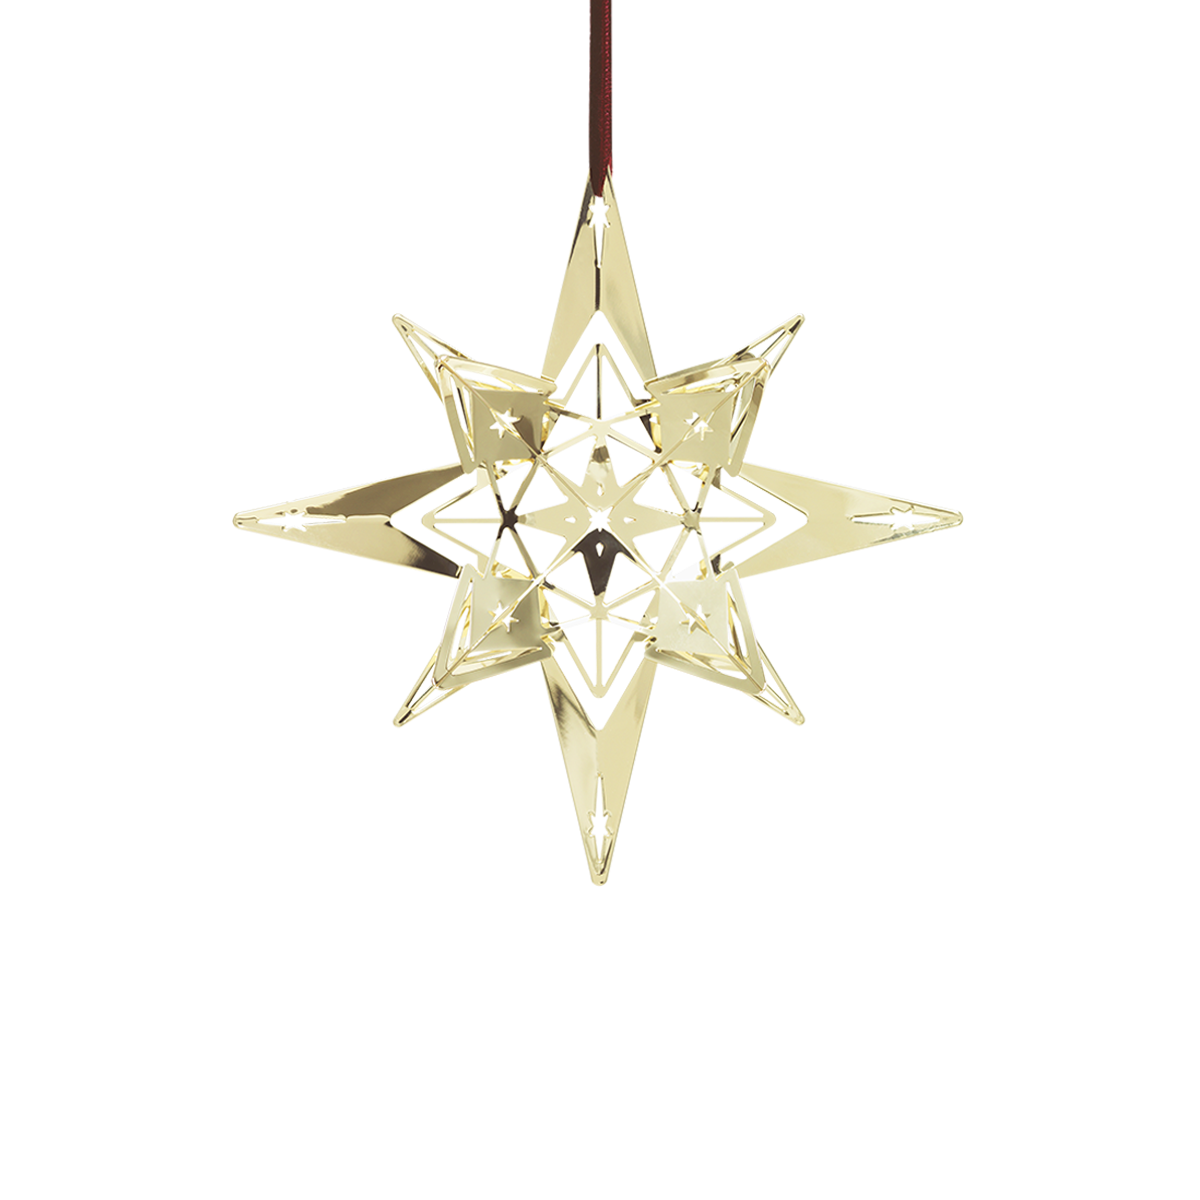 Julepynt julestjerne Rosendahl